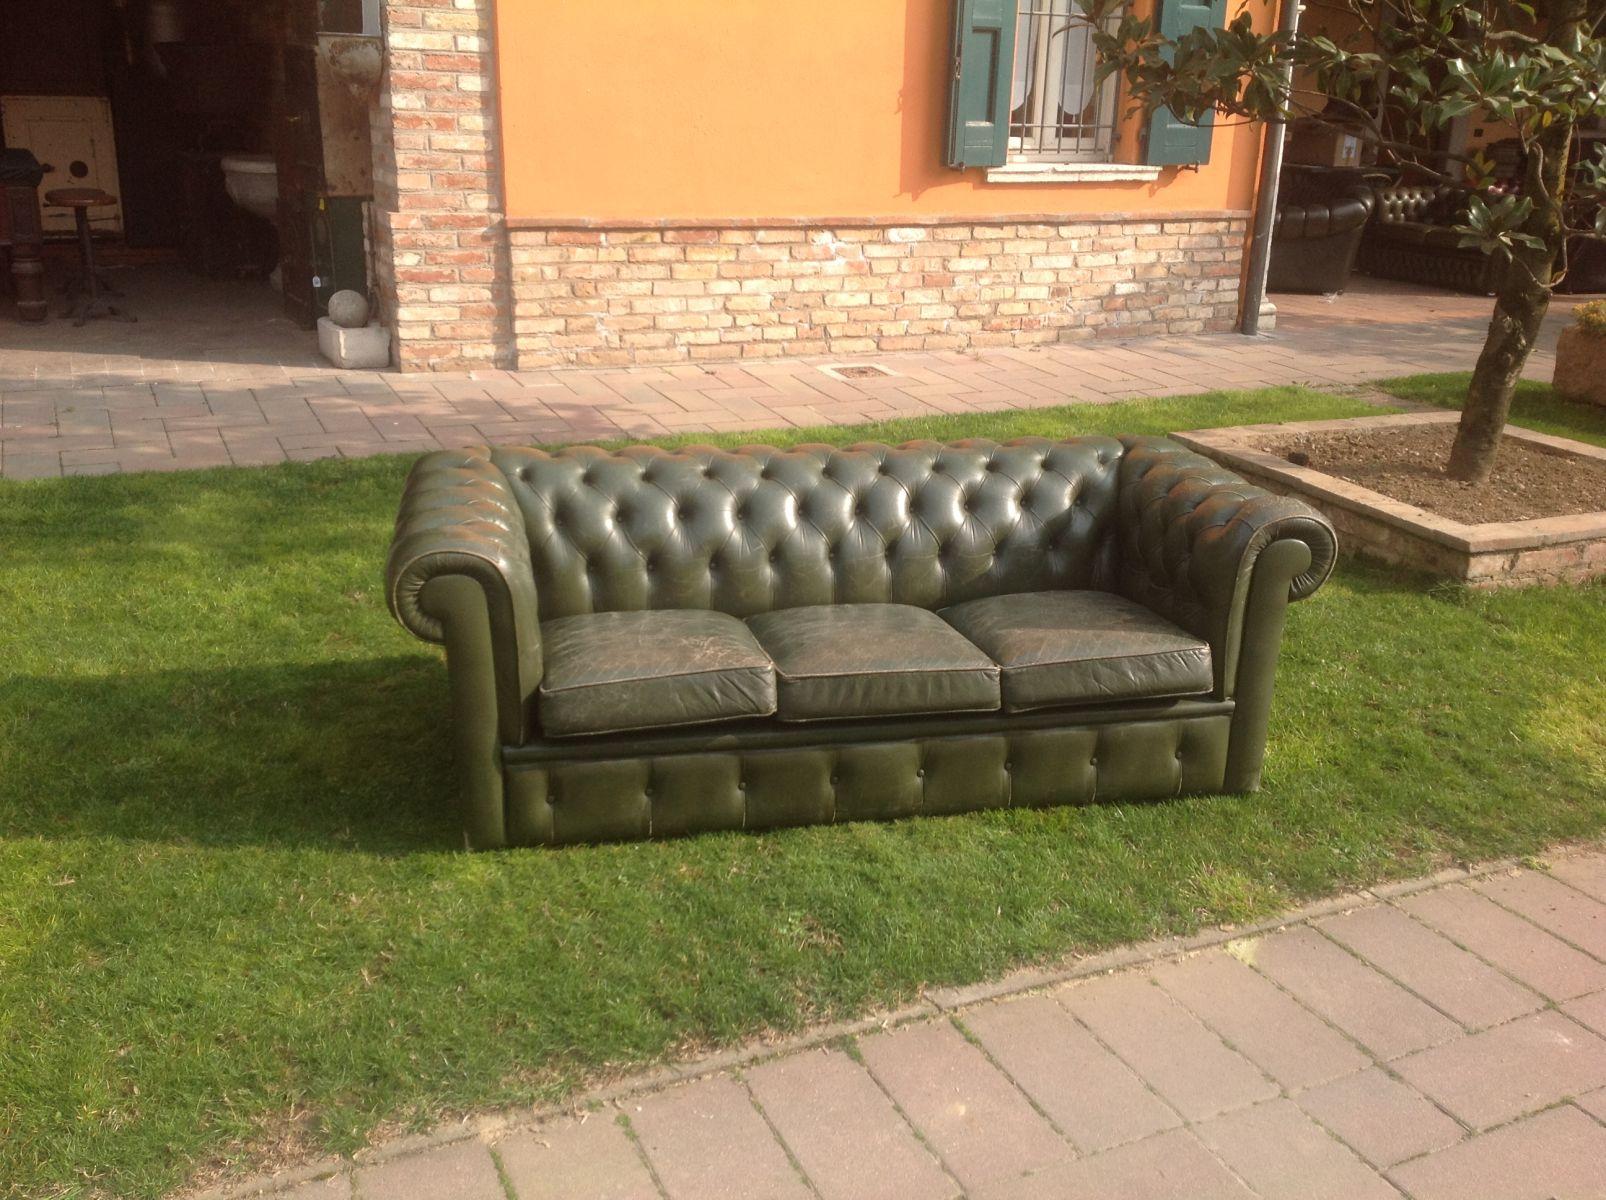 Divano chesterfield 3 posti originale inglese vintage in vera pelle color verde - Divano in inglese ...